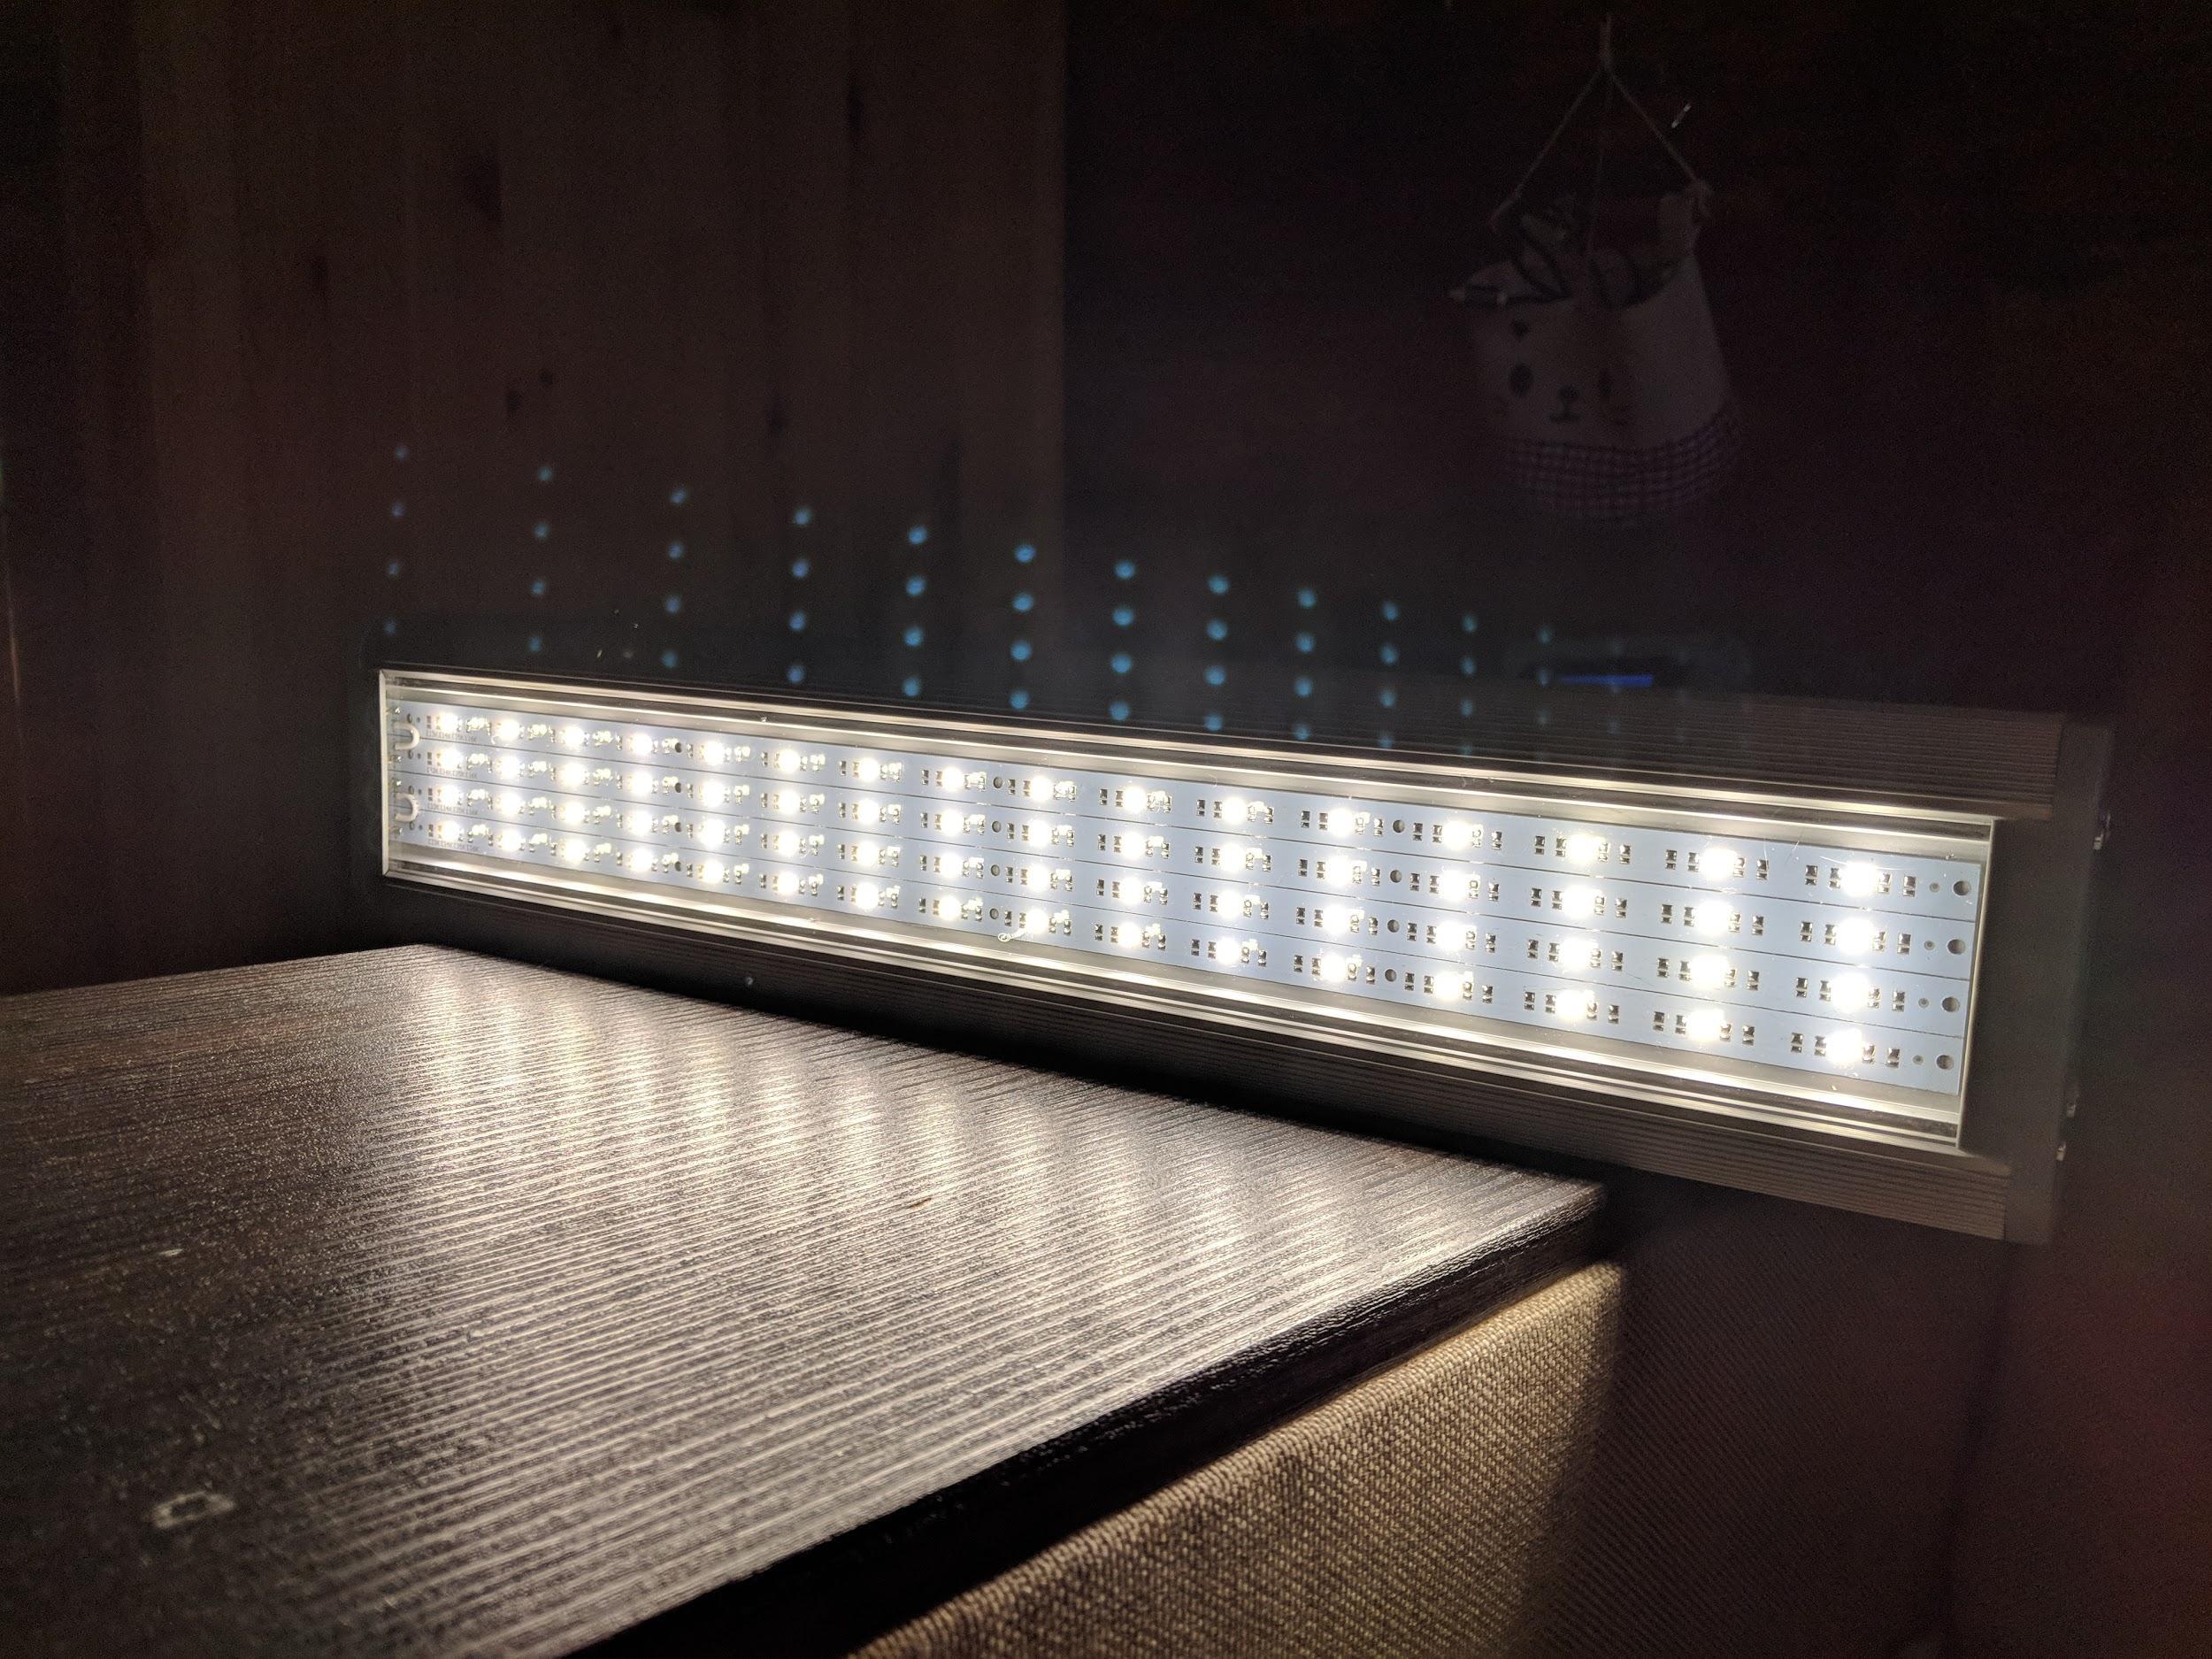 Промышленные светильники от отечественного производителя Эффест с хорошим индексом цветопередачи - 1